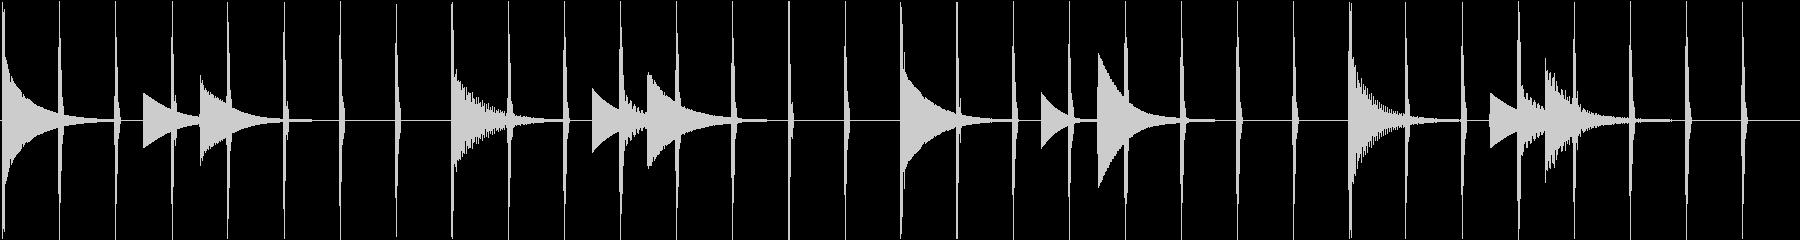 ほのぼのしたシンプルヒーリングエレクトロの未再生の波形